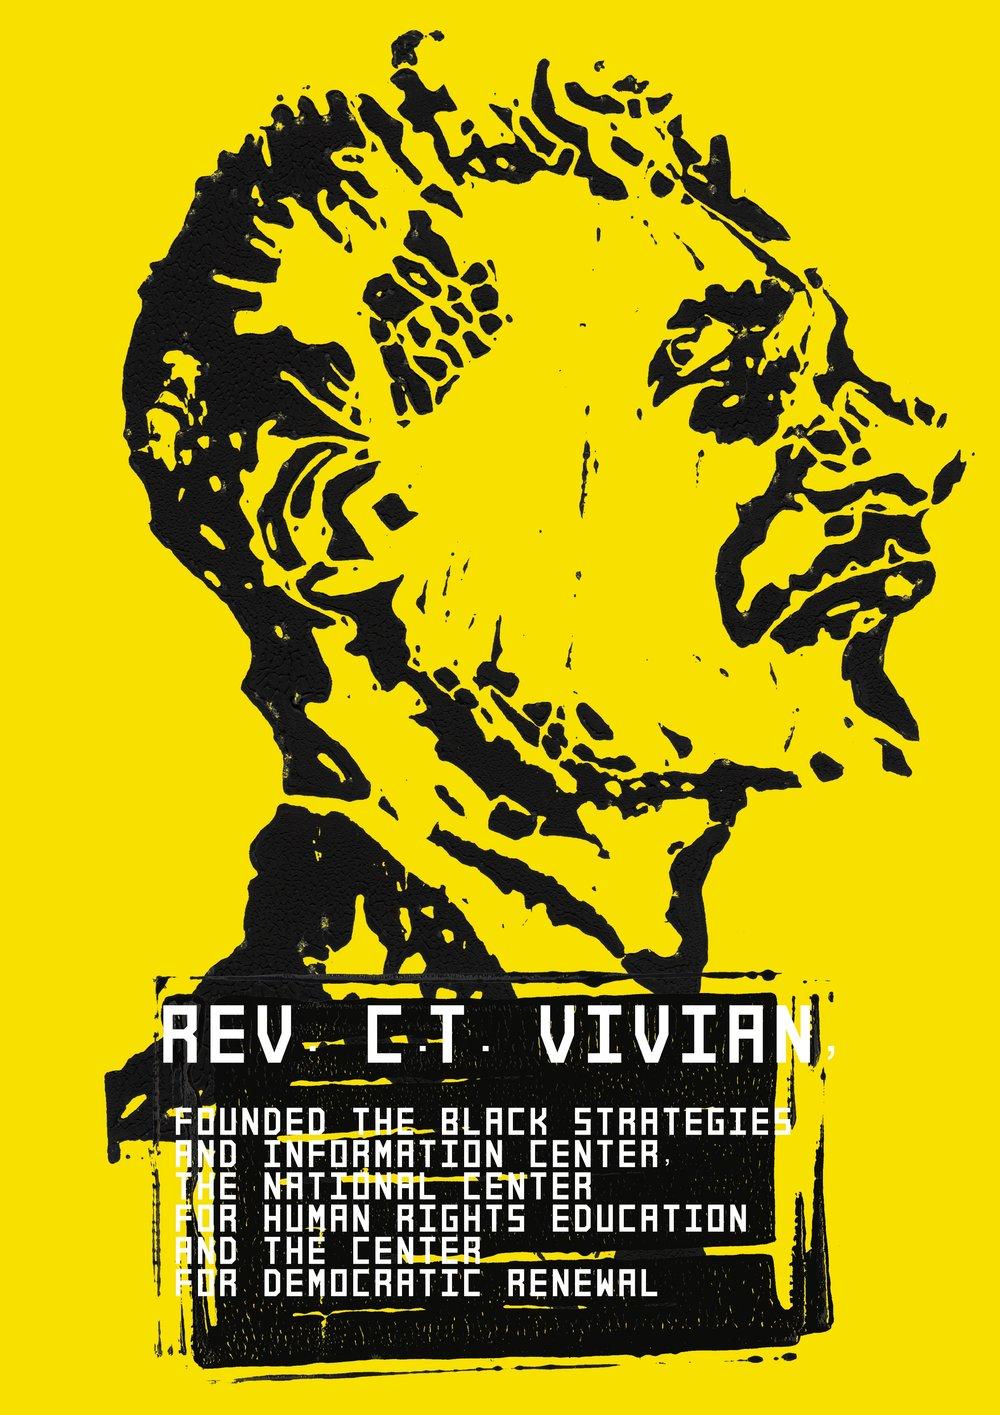 Rev C.T Vivian